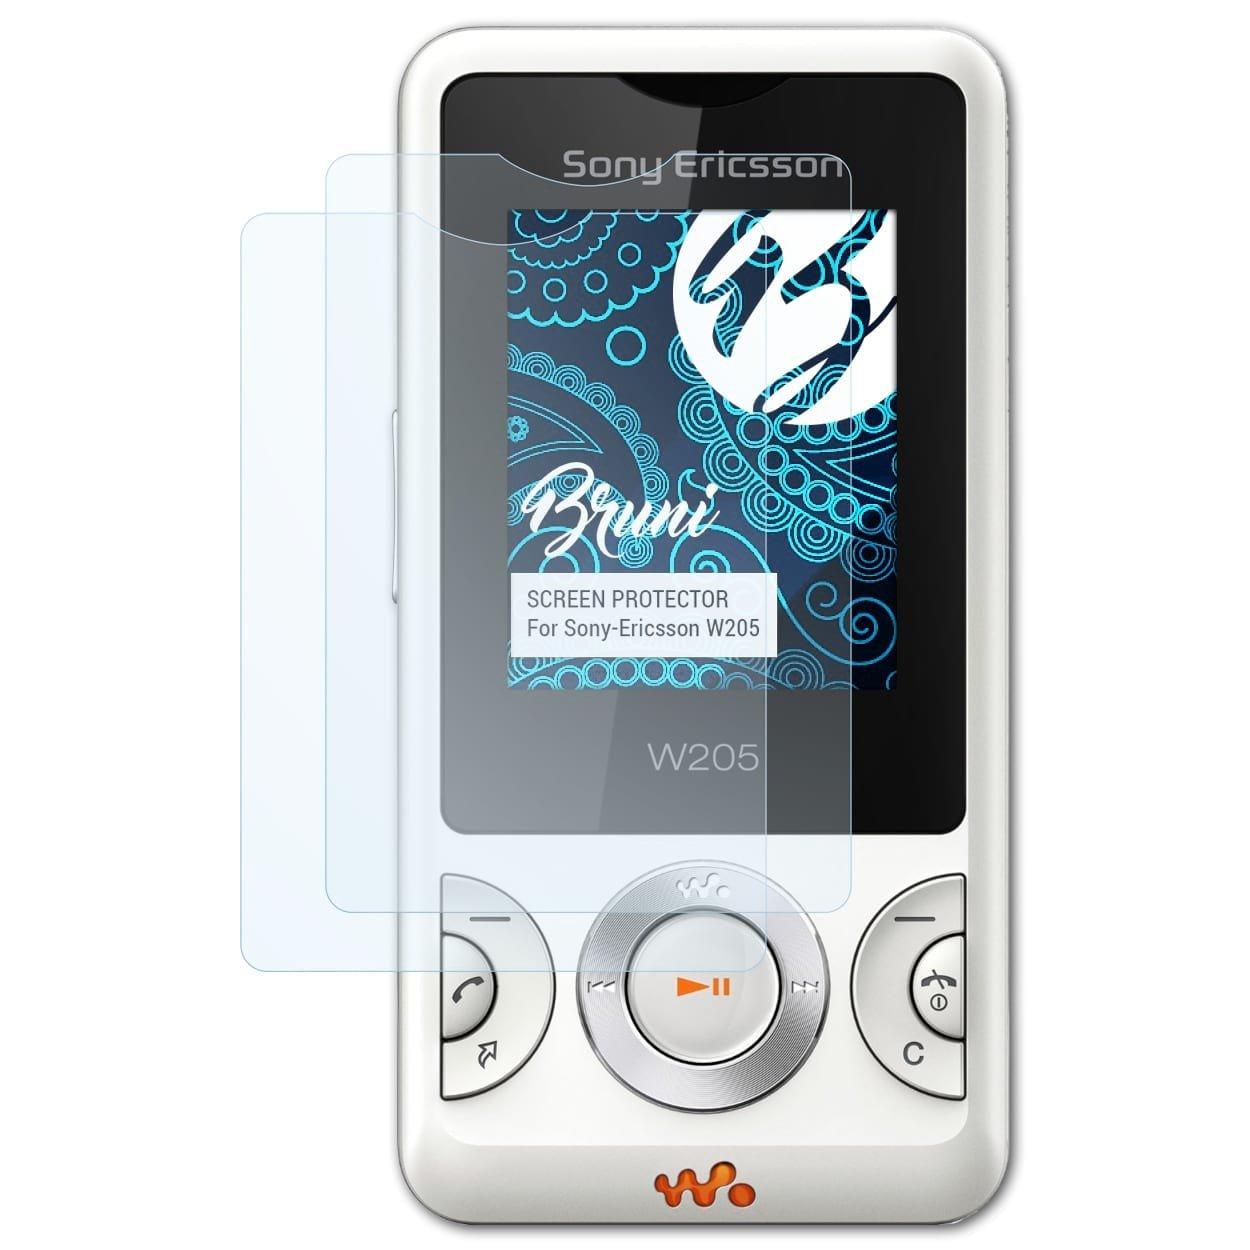 jeux portable gratuit sony ericsson w205